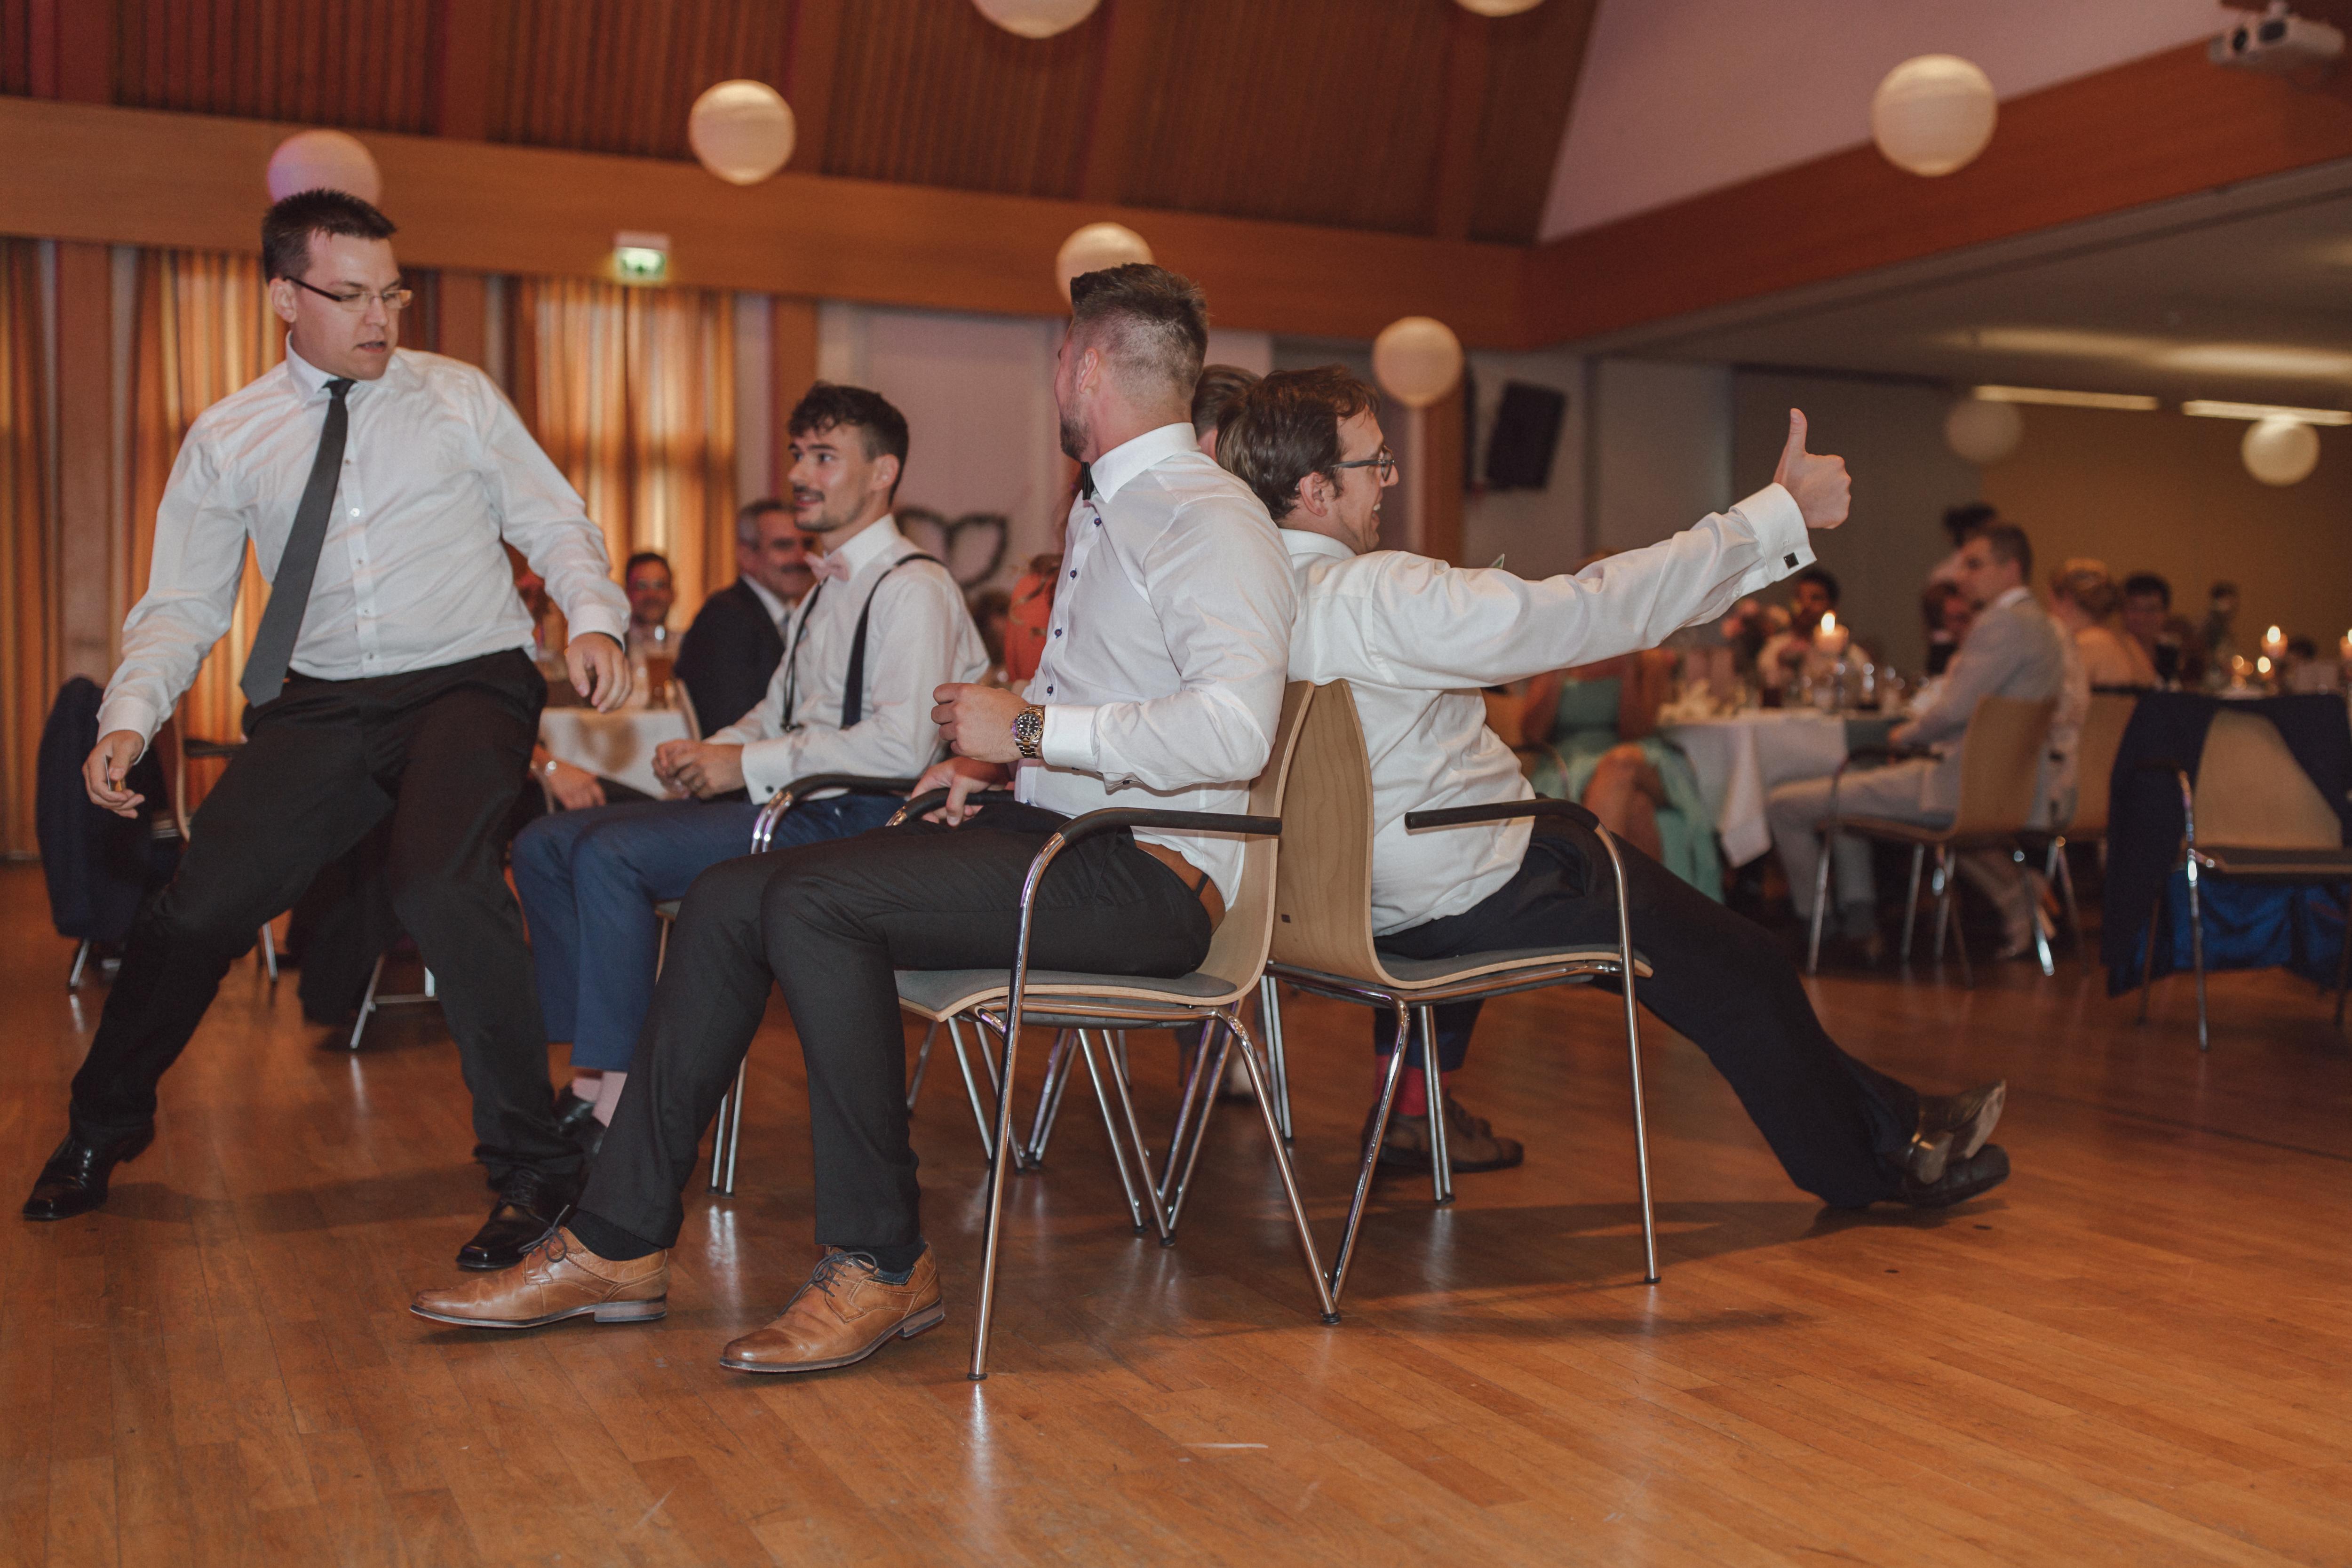 URBANERIE_Daniela_Goth_Hochzeitsfotografin_Nürnberg_Fürth_Erlangen_Schwabach_170715_0919